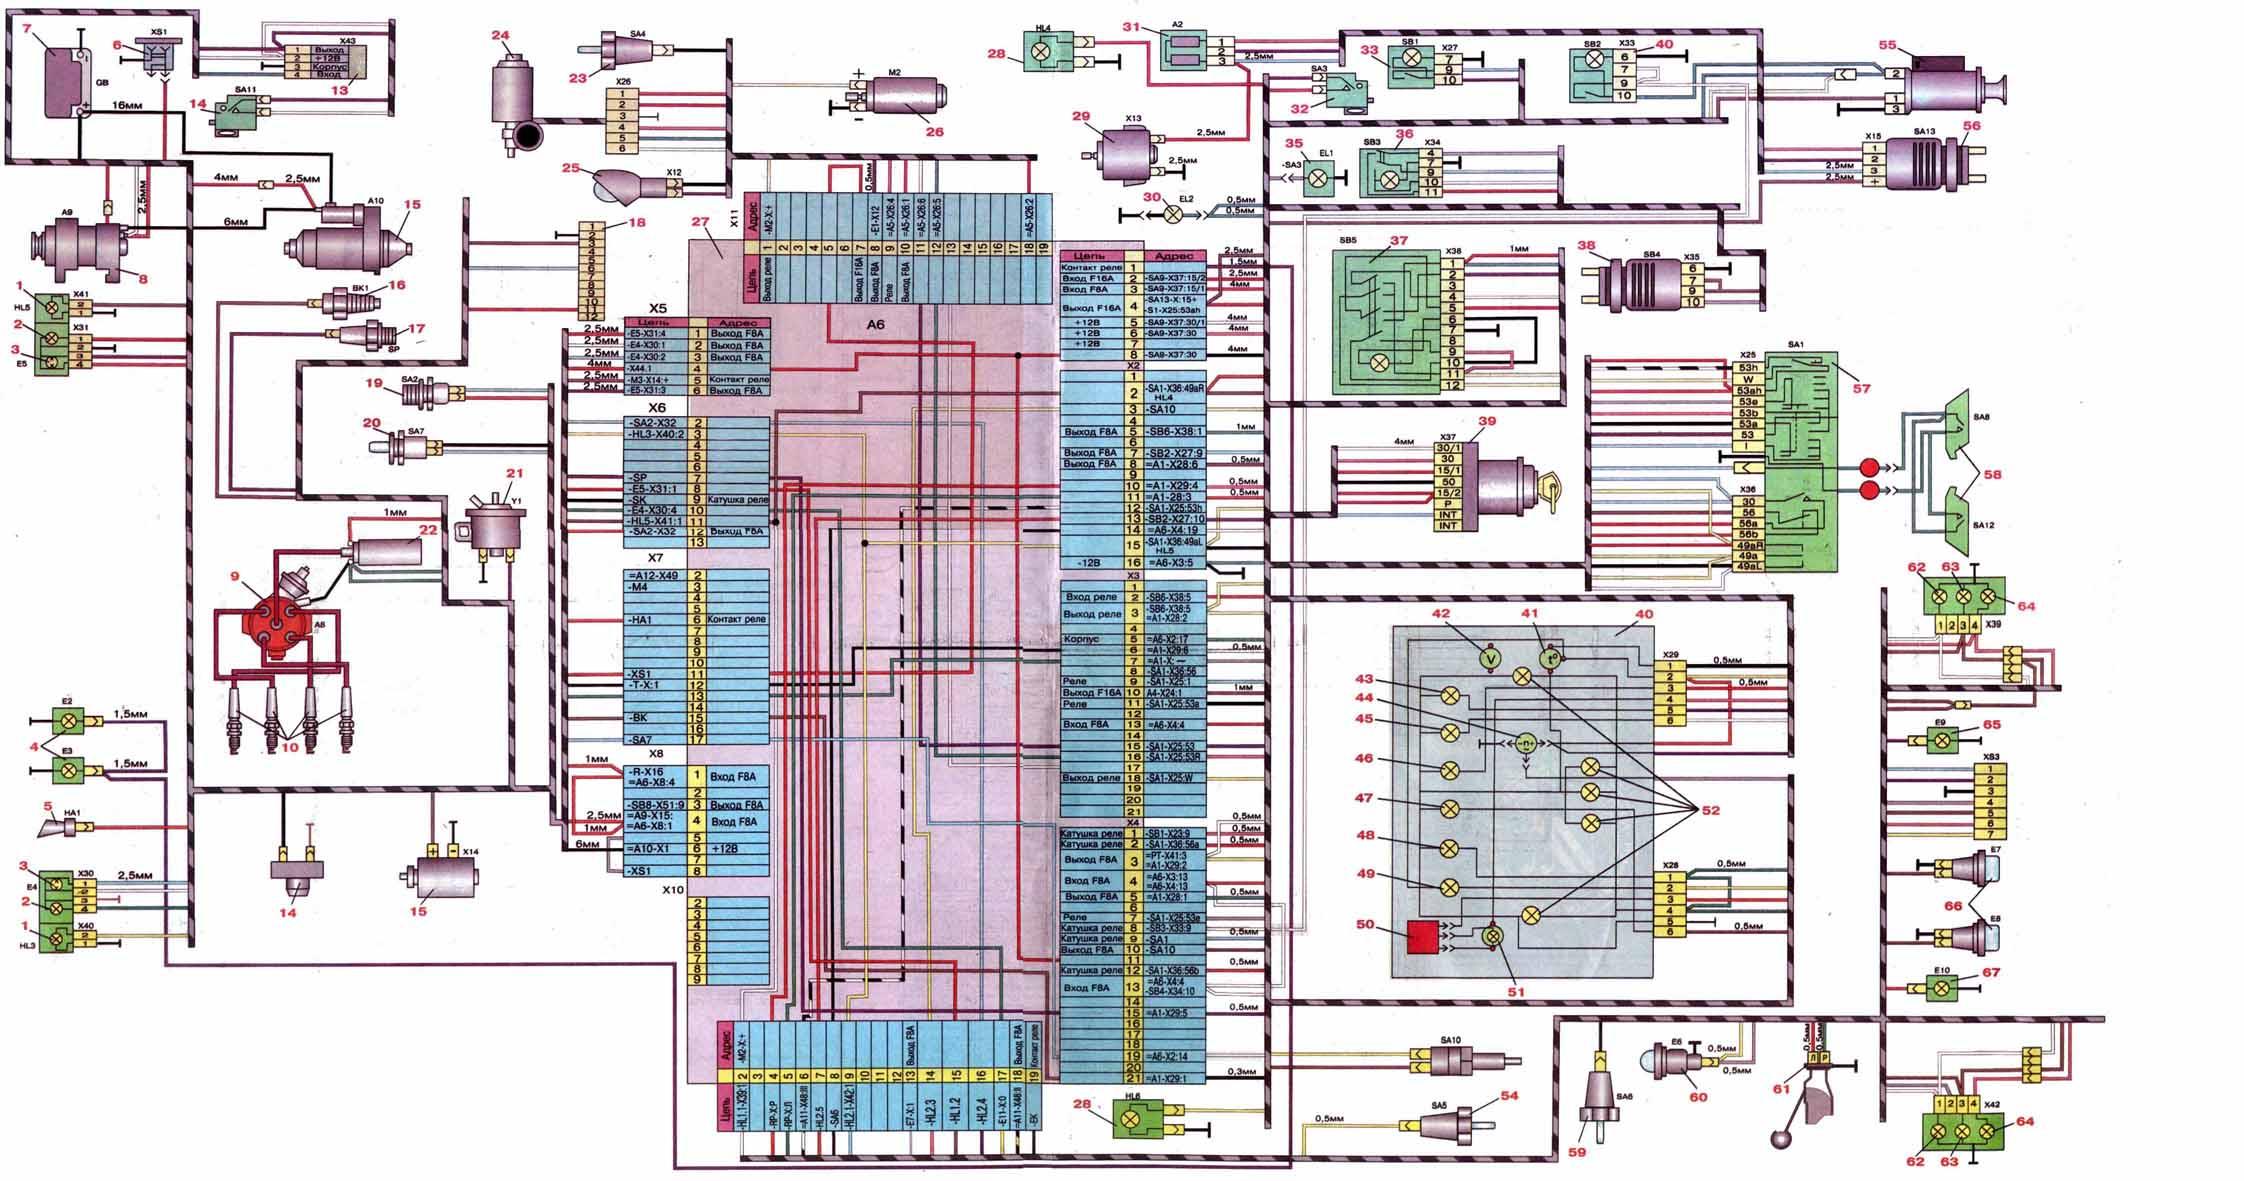 схема проводки на генераторе на святогоре